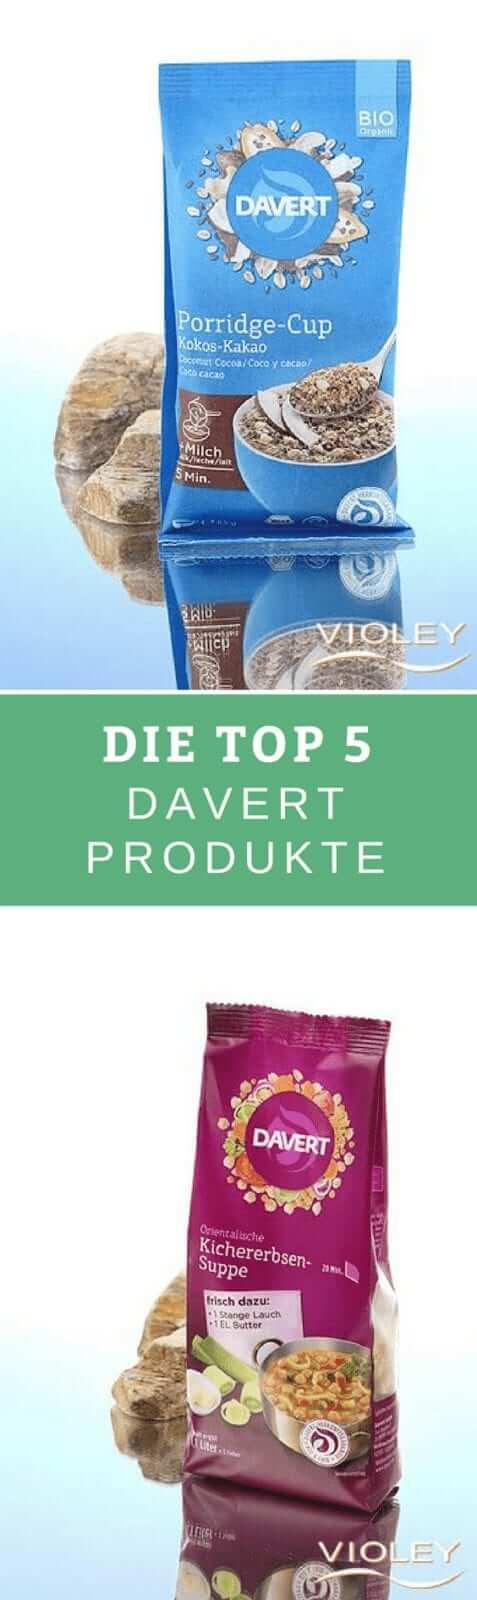 Davert vegane Produkte